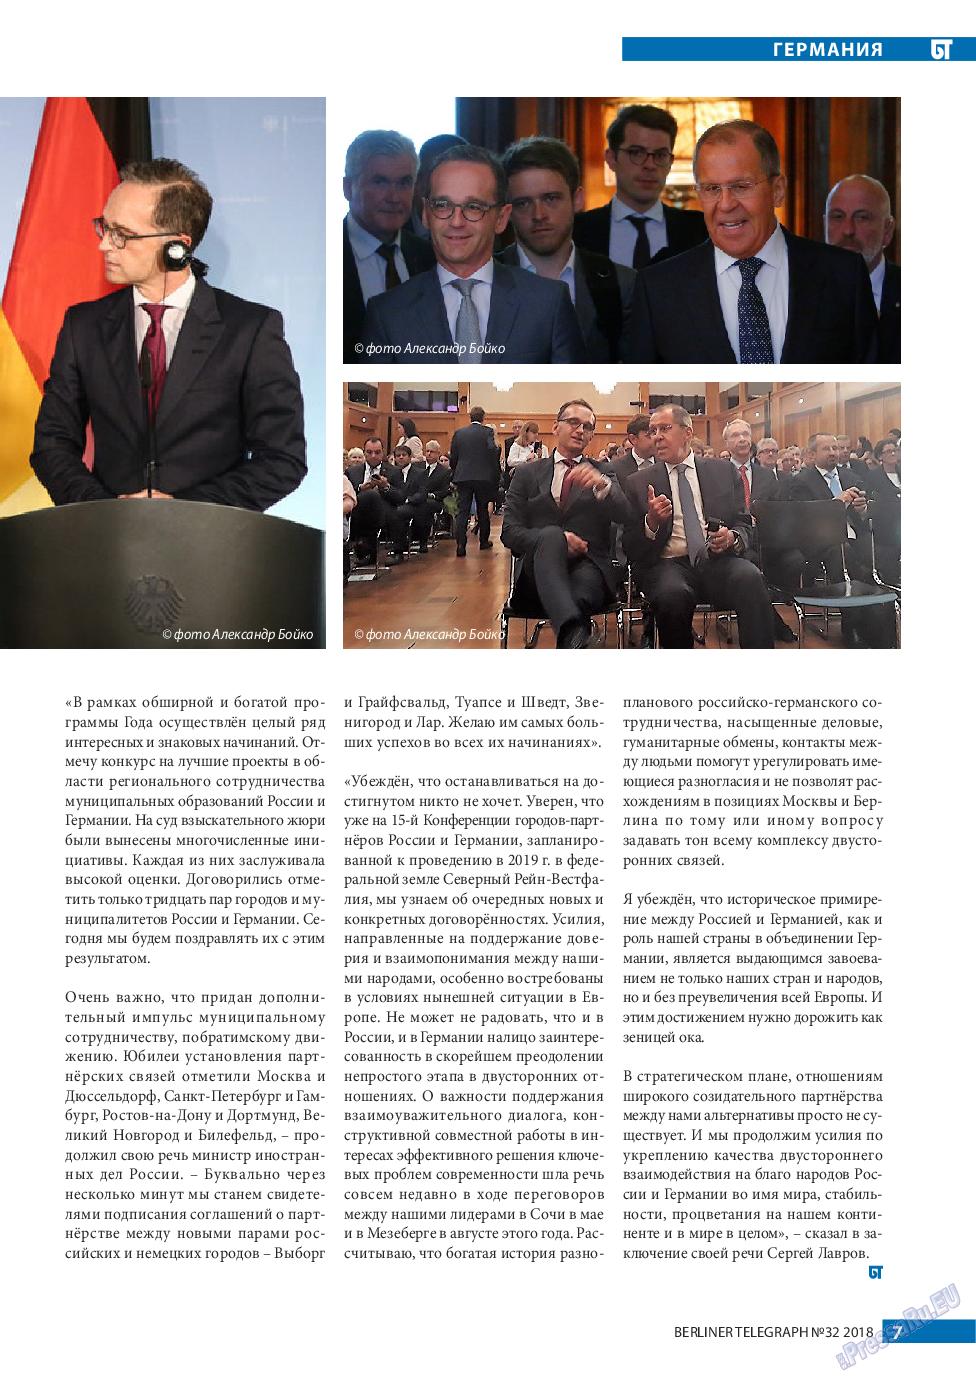 Берлинский телеграф (журнал). 2018 год, номер 32, стр. 7